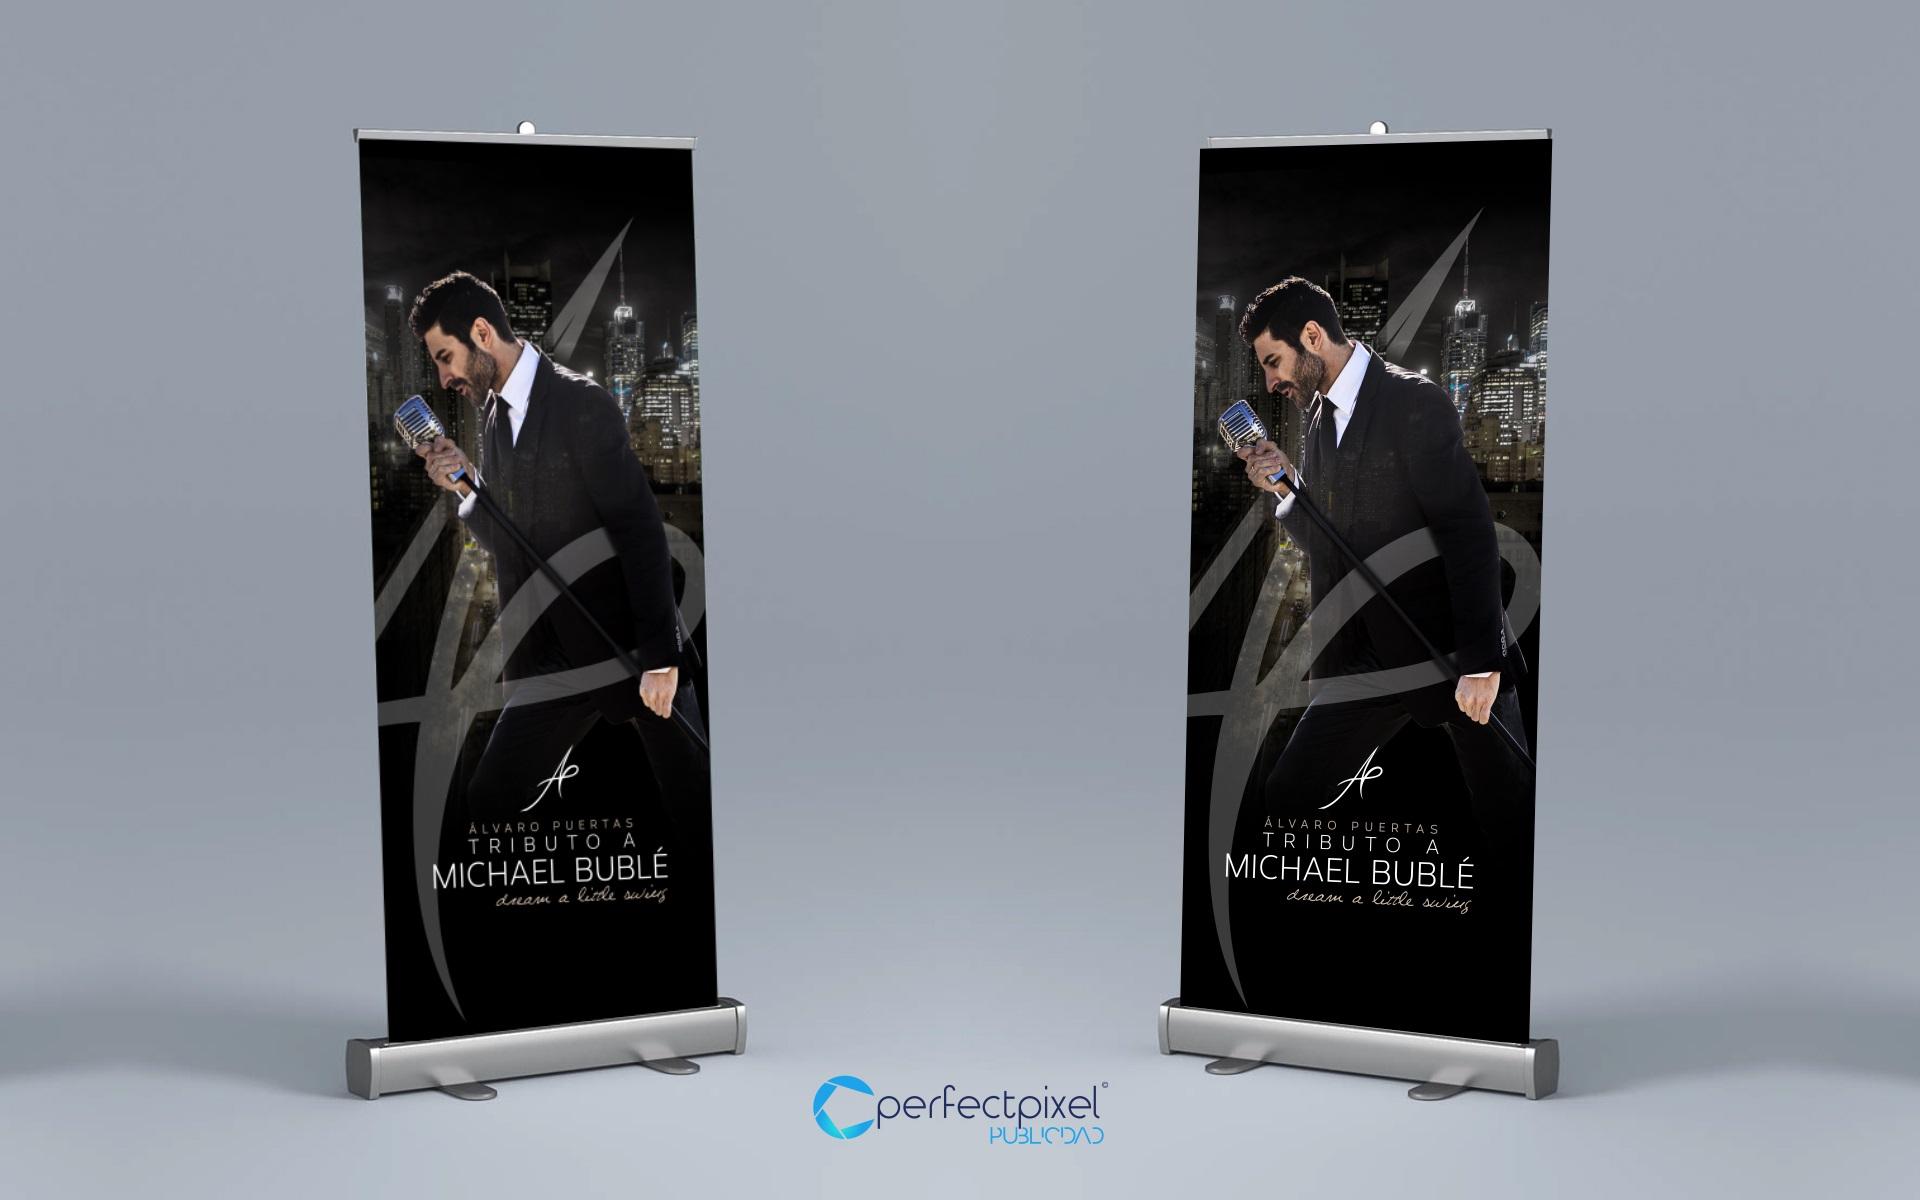 Diseño de roll up para concierto en Madrid (Álvaro Puertas - tributo a Michael Bublé)